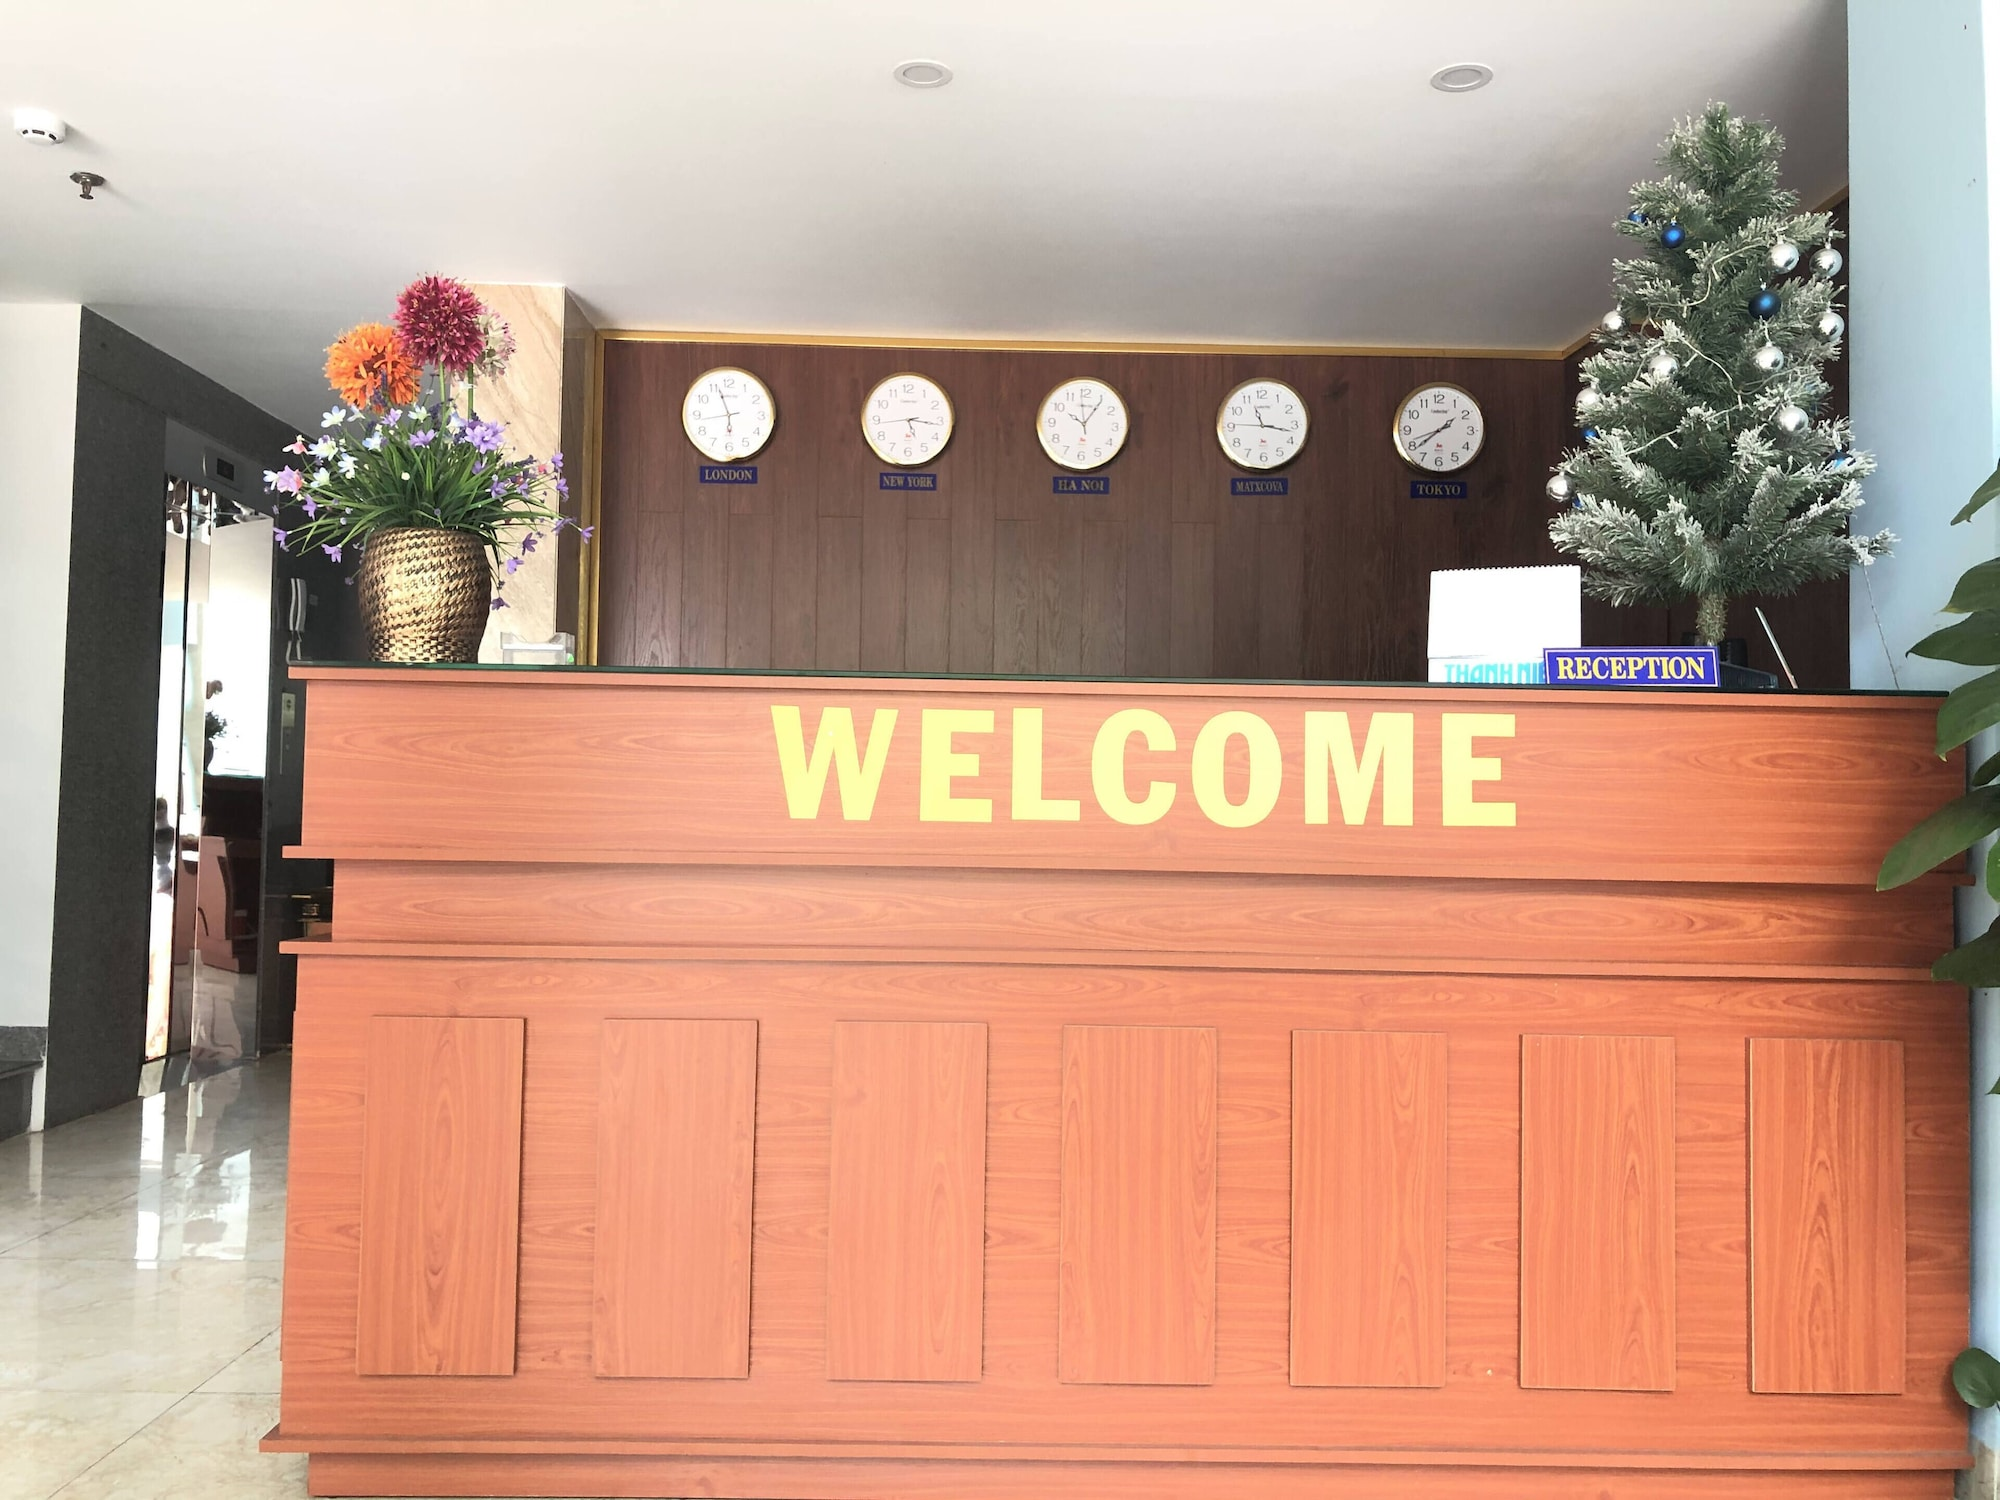 OYO 1127 Hana Hotel Nha Trang, Nha Trang